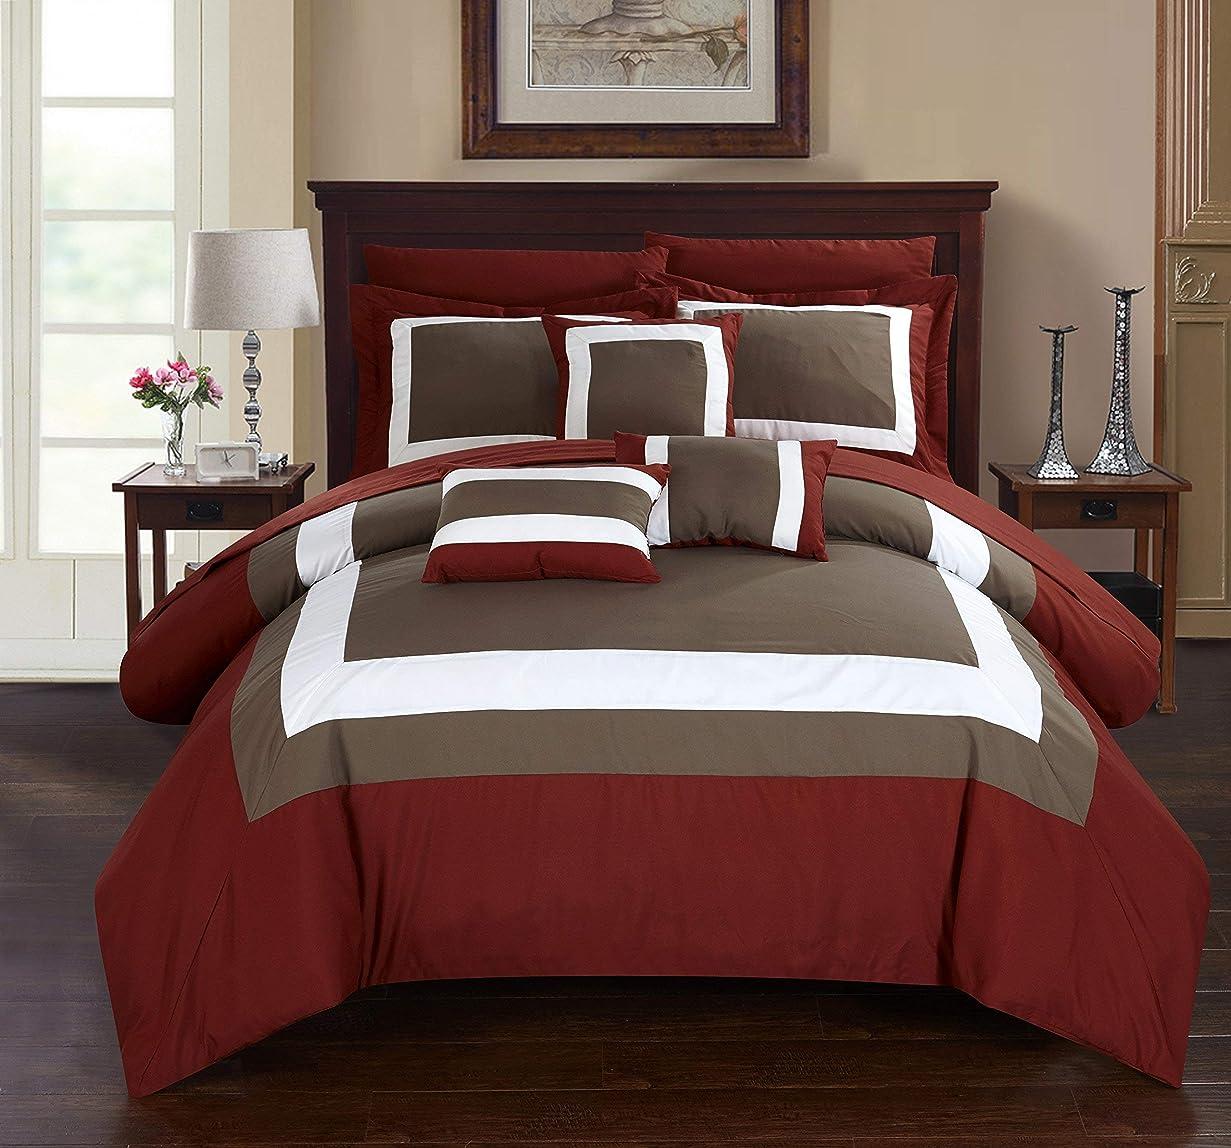 ワイプ無知モーター(King, Brick) - Chic Home Duke 10 Piece Comforter Set Complete Bed in a Bag Pieced Colour Block Patterned Bedding with Sheet Set And Decorative Pillows Shams Included, King Brick Red